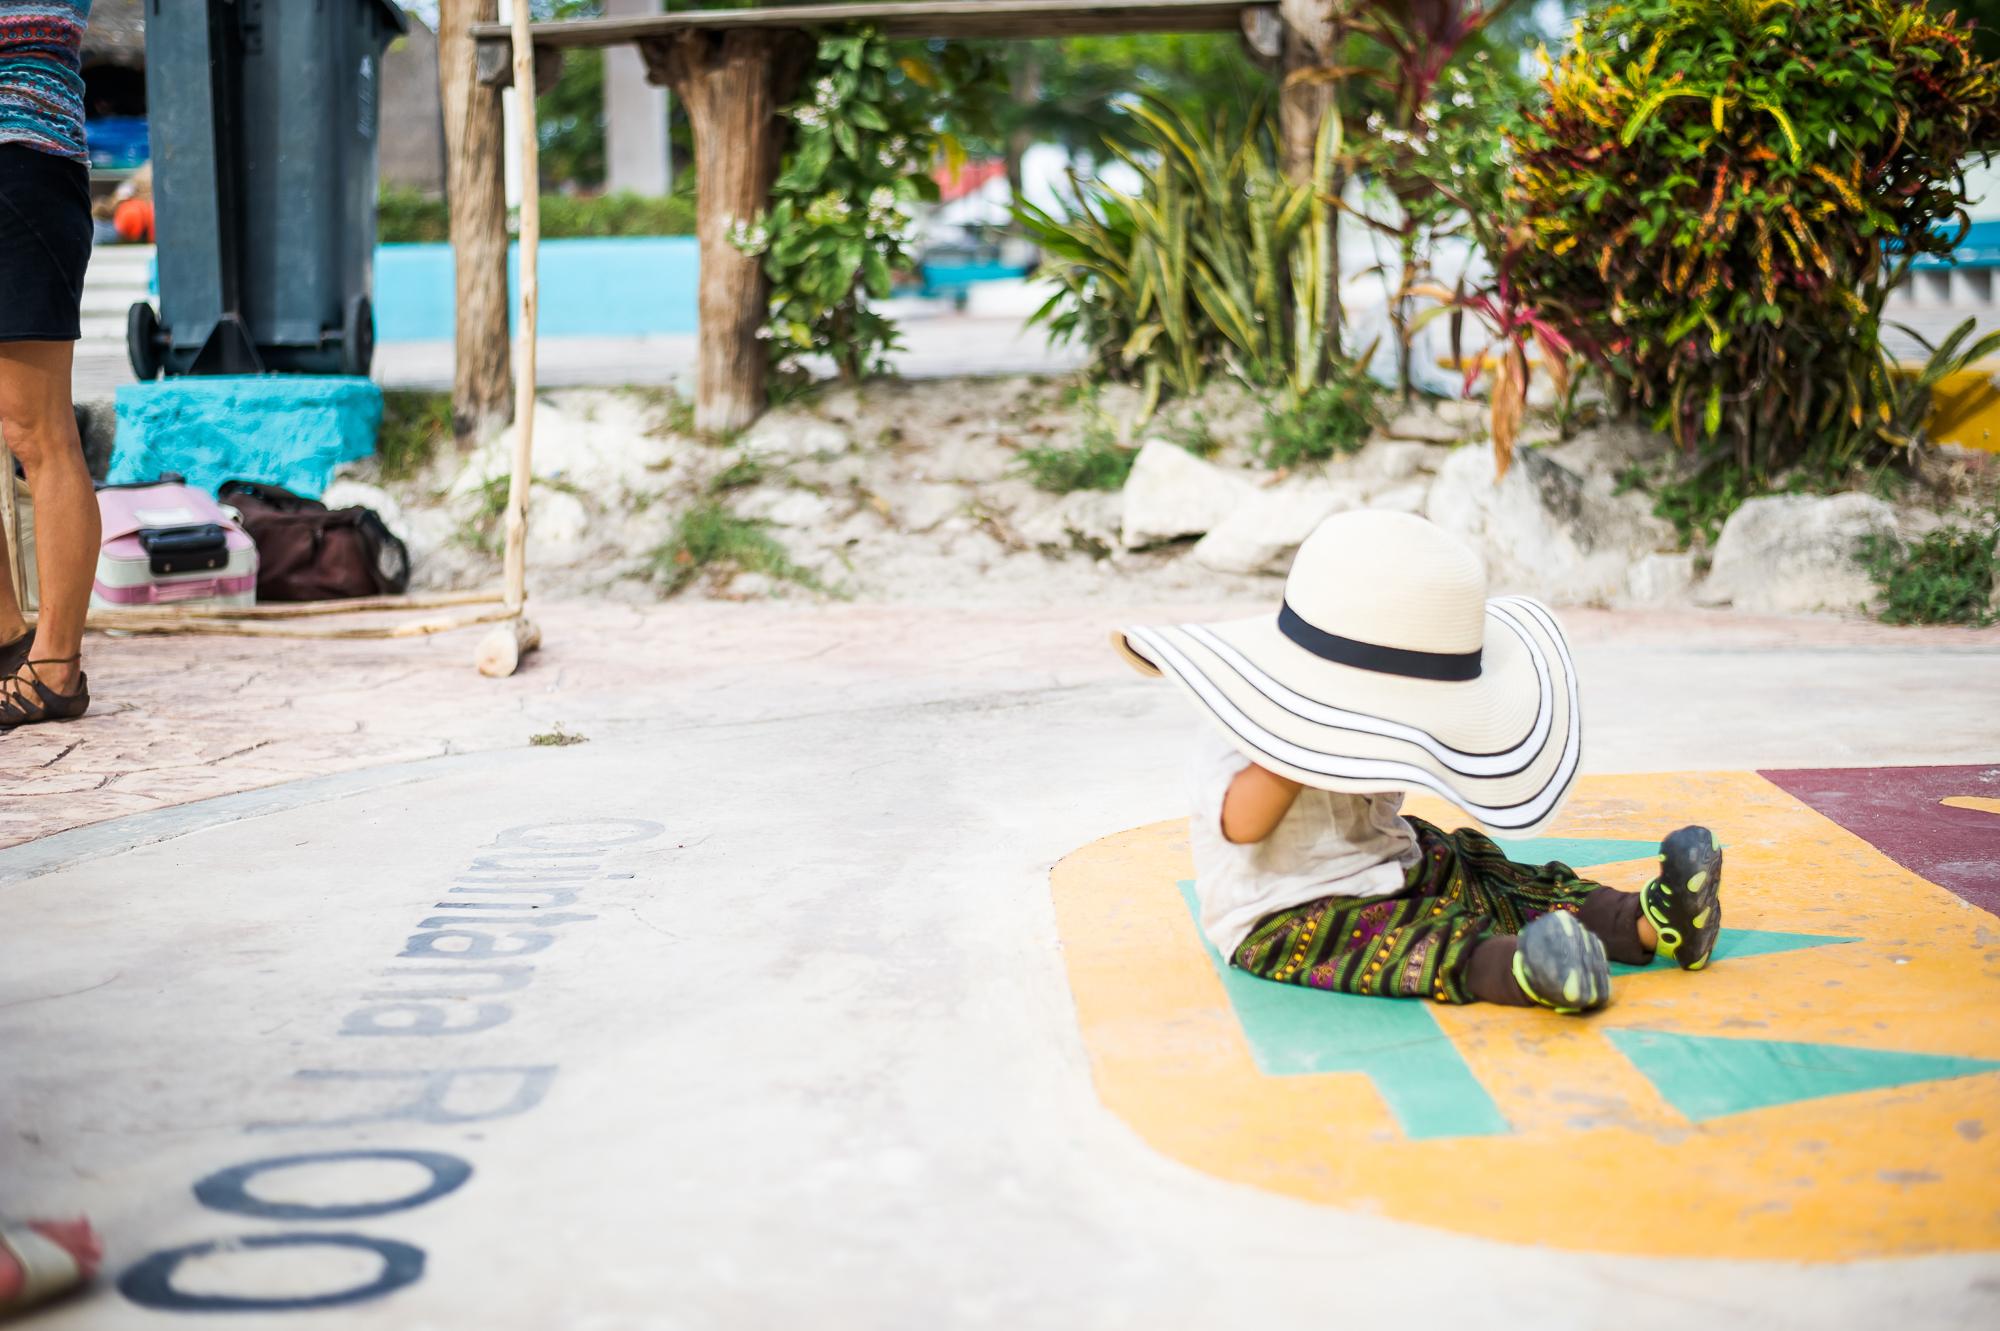 144-David Loi Studios - Cancun Mexico Engagement Session - Destination Engagement Session-25208.jpg